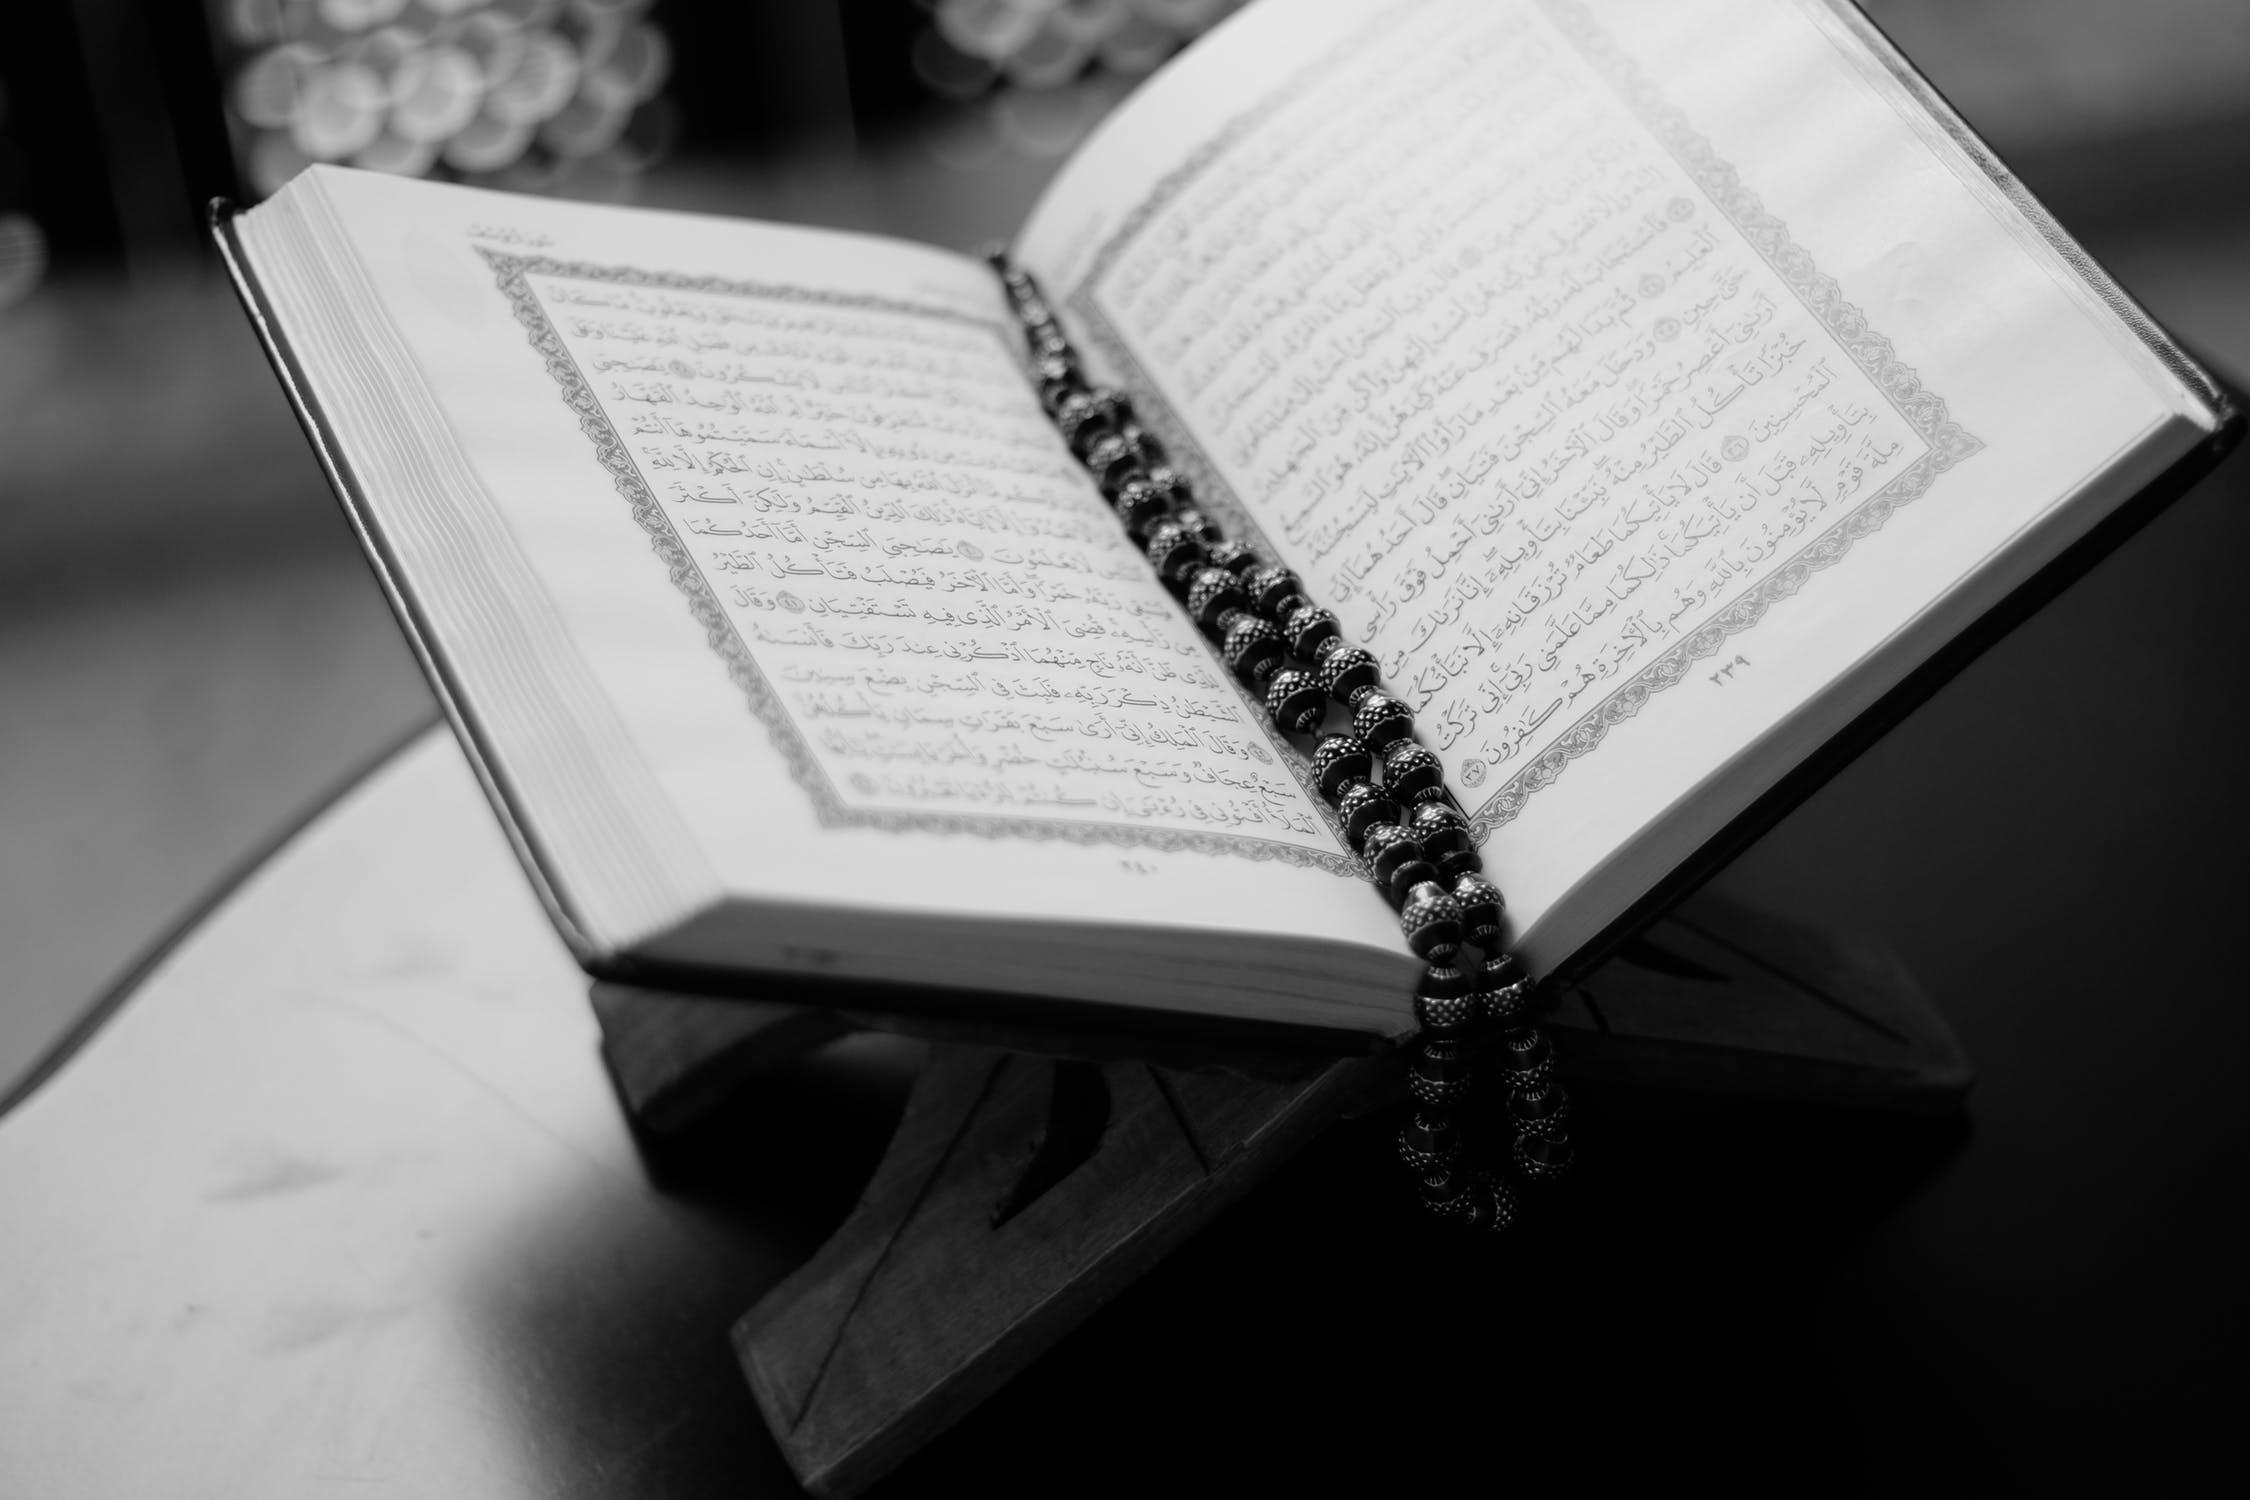 Quranic Indulgence